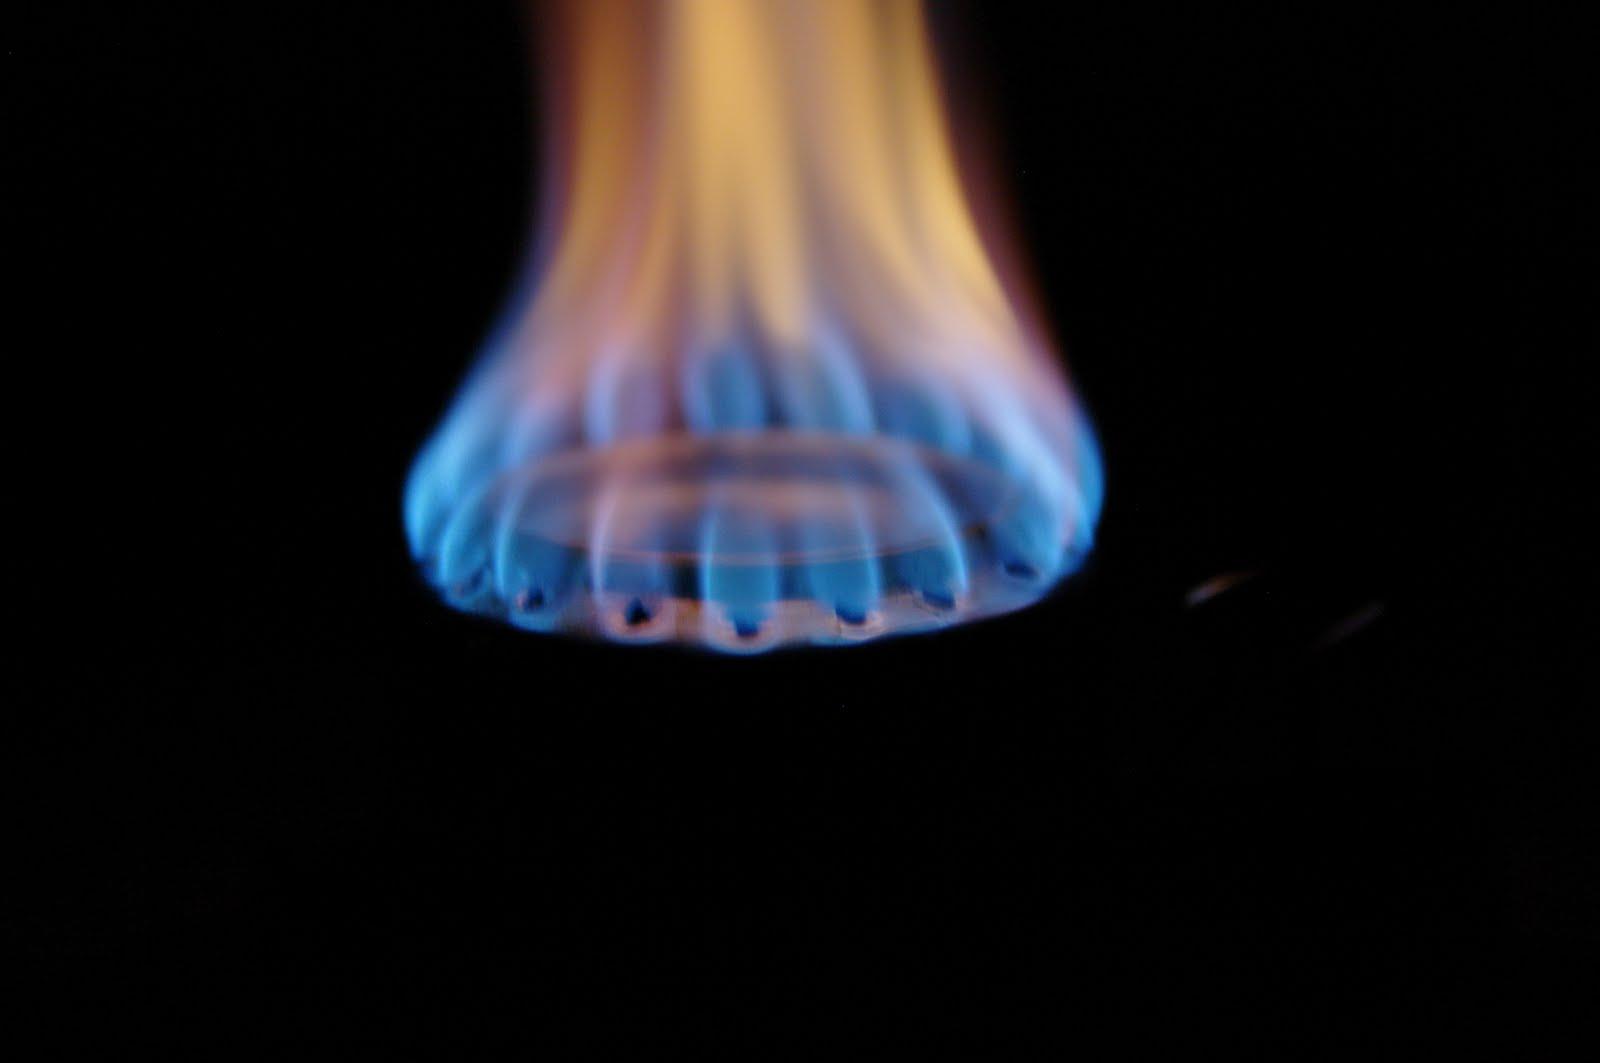 Photo: Pełny zapłon. Niebieski płomień sugeruje niskie promieniowanie cieplne -- nadaje się do przekazywania ciepła przez kontakt